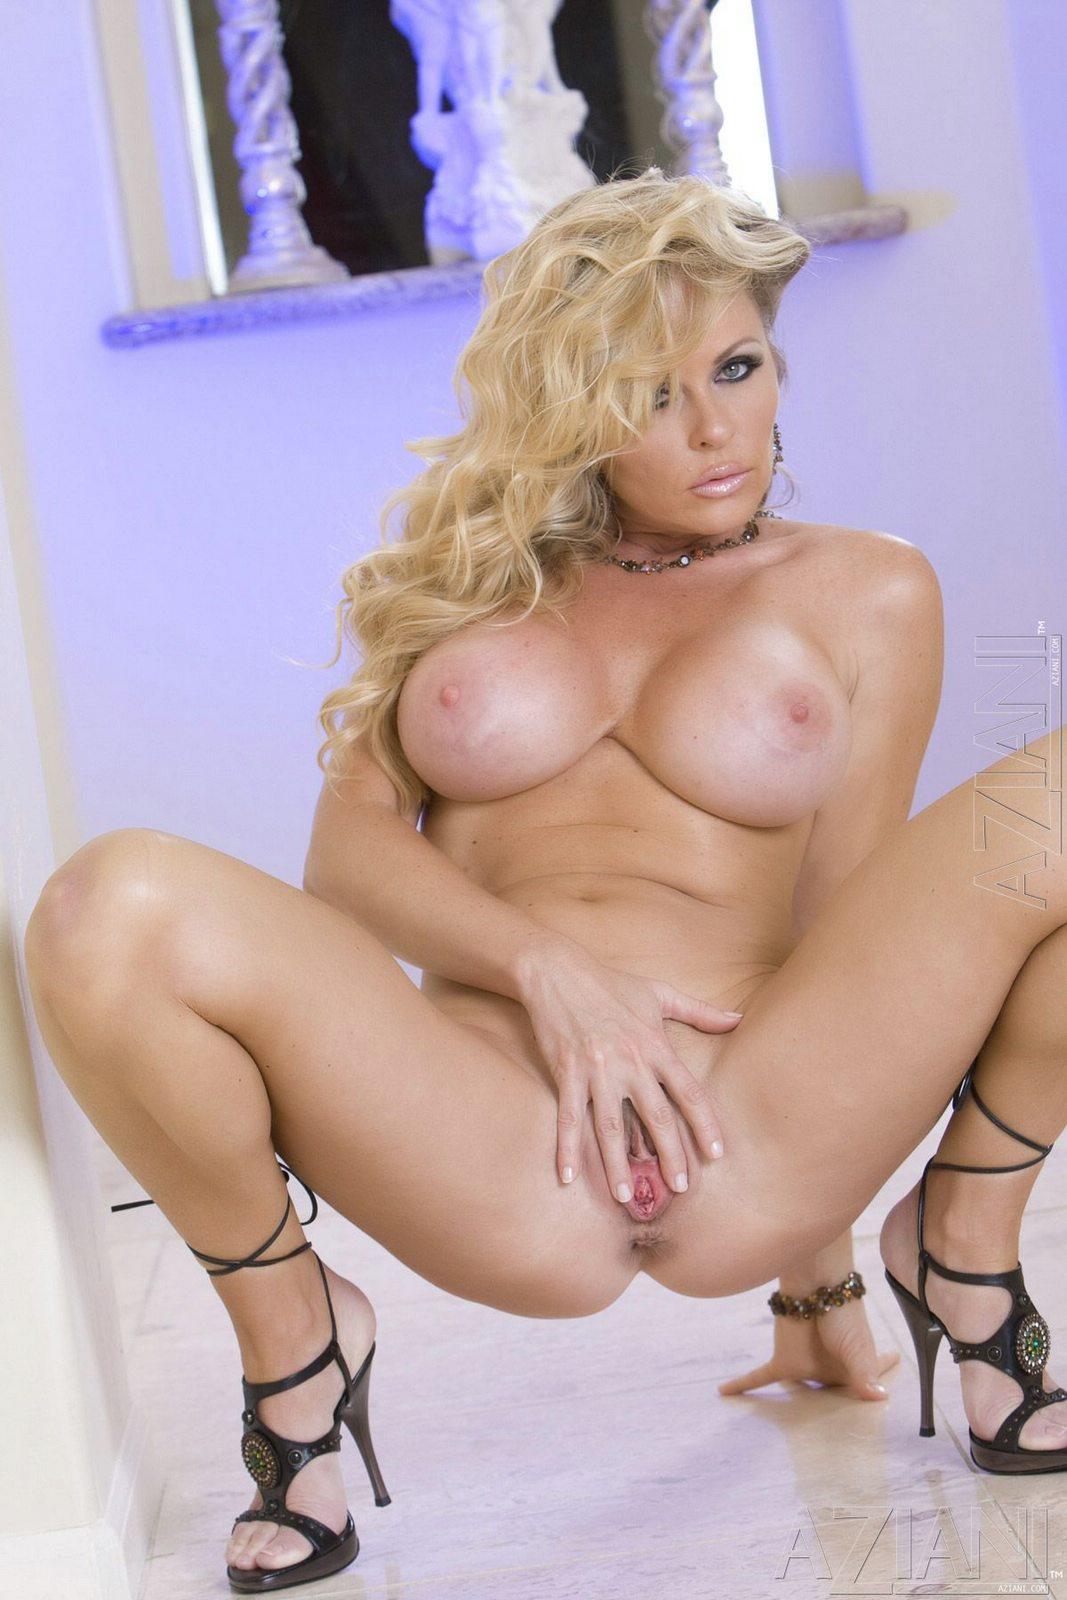 beautiful women bj porn